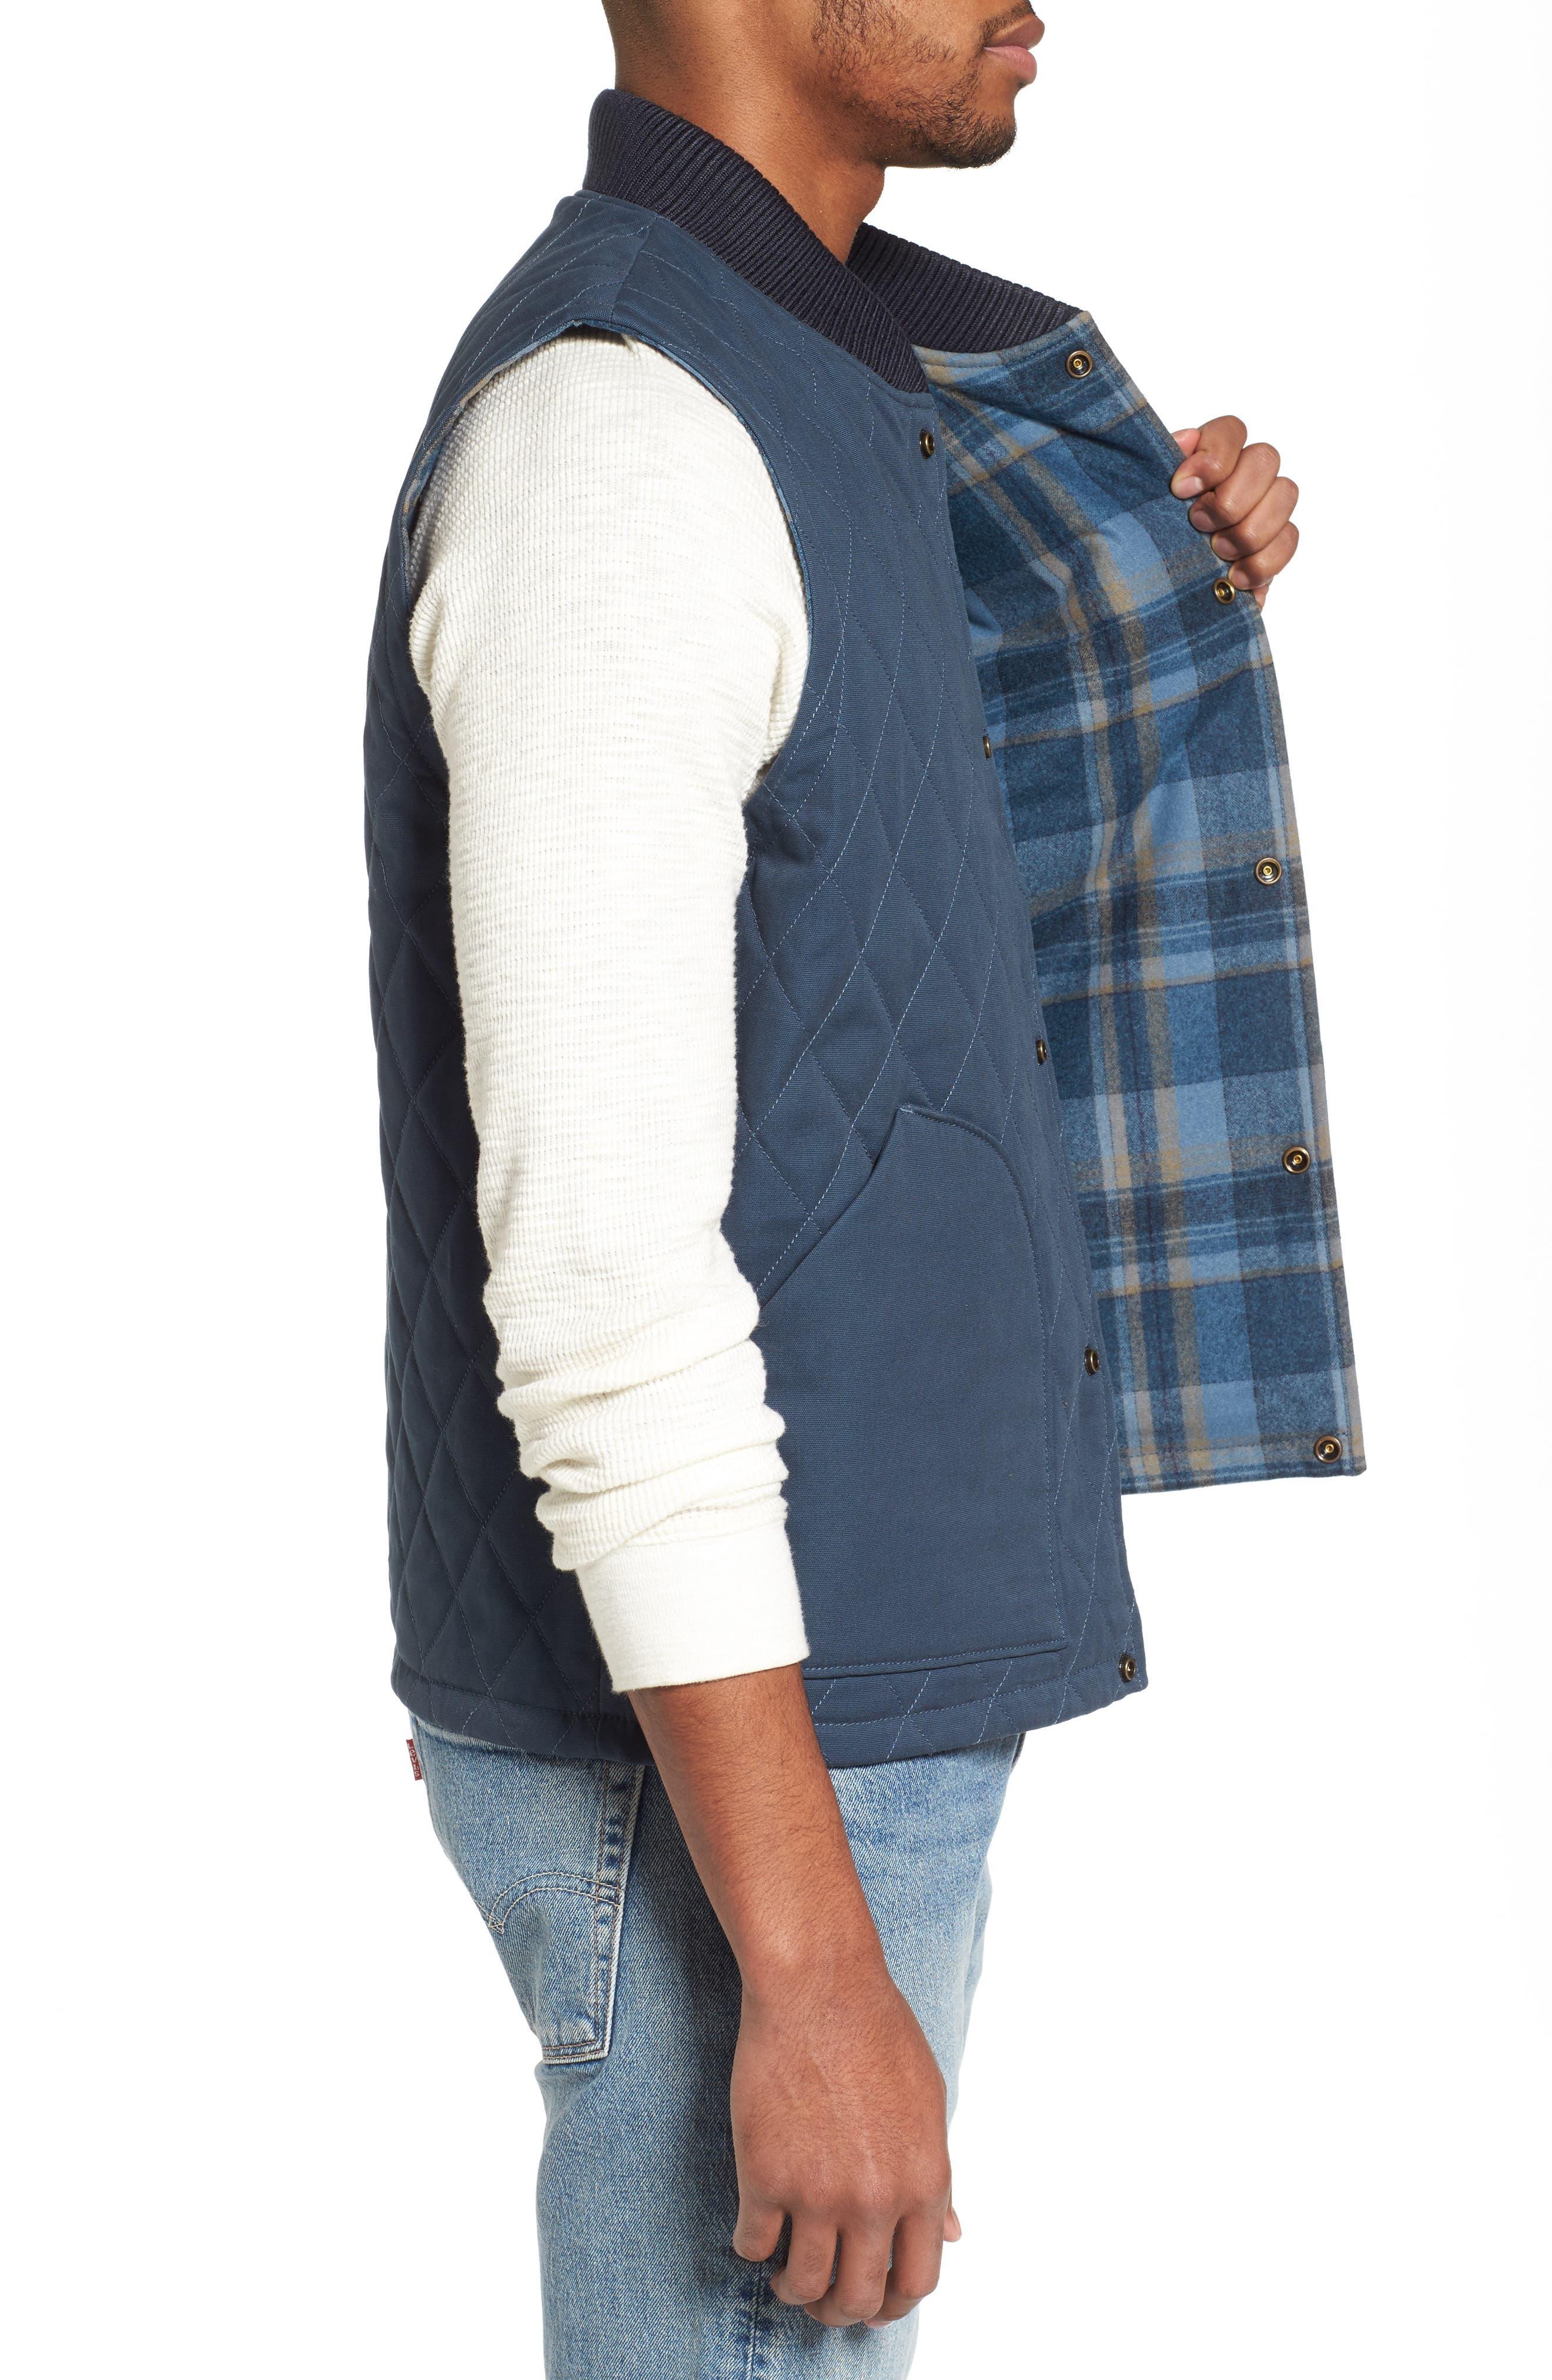 Reversible Canvas Vest,                             Alternate thumbnail 3, color,                             Navy/ Indigo Plaid